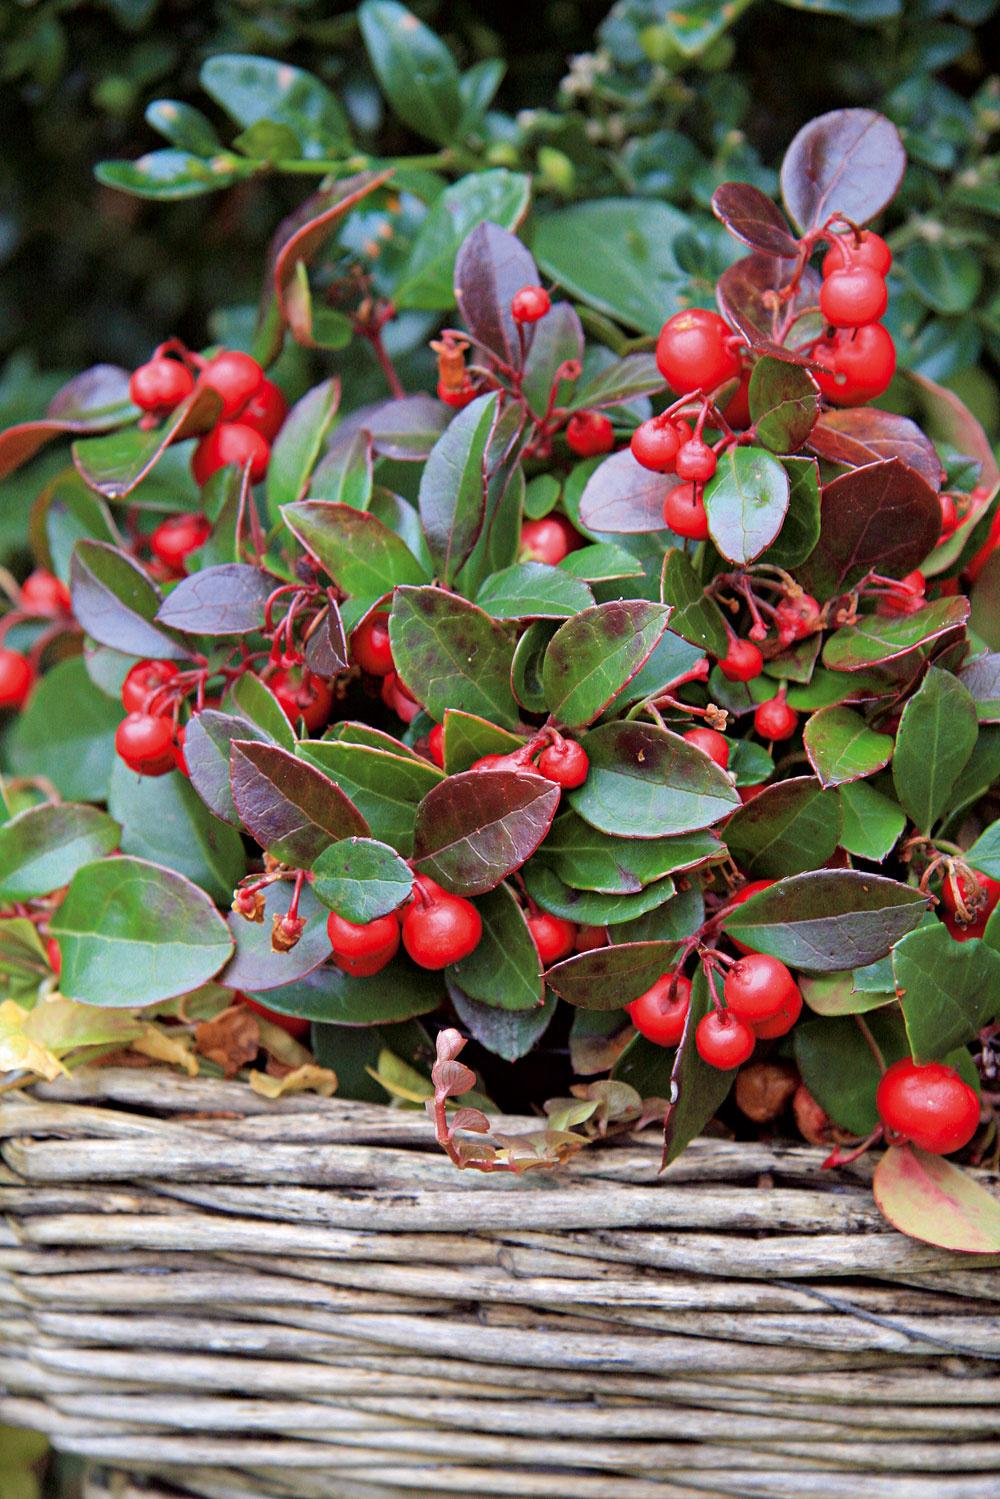 Červené koráliky  Súčasťou jesenne ladených balkónov by mali byť aj dreviny (napríklad zakrpatené), ktoré ozdobuje záplava sýto sfarbených plodov. Na moderné aj staršie balkóny, prípadne aj do okenných debničiek sa hodí skalník alebo miniatúrna gaultéria (Gaultheria procumbens). Vyniká nielen množstvom drobných červených plodov pripomínajúcich koráliky, ale aj listami, ktorým neublíži jesenný chlad ani prvý mráz. Ak sa rastline postaráte o mierne kyslý a stále vlhký substrát, odmení sa vám svojou nádherou aj počas zimy.